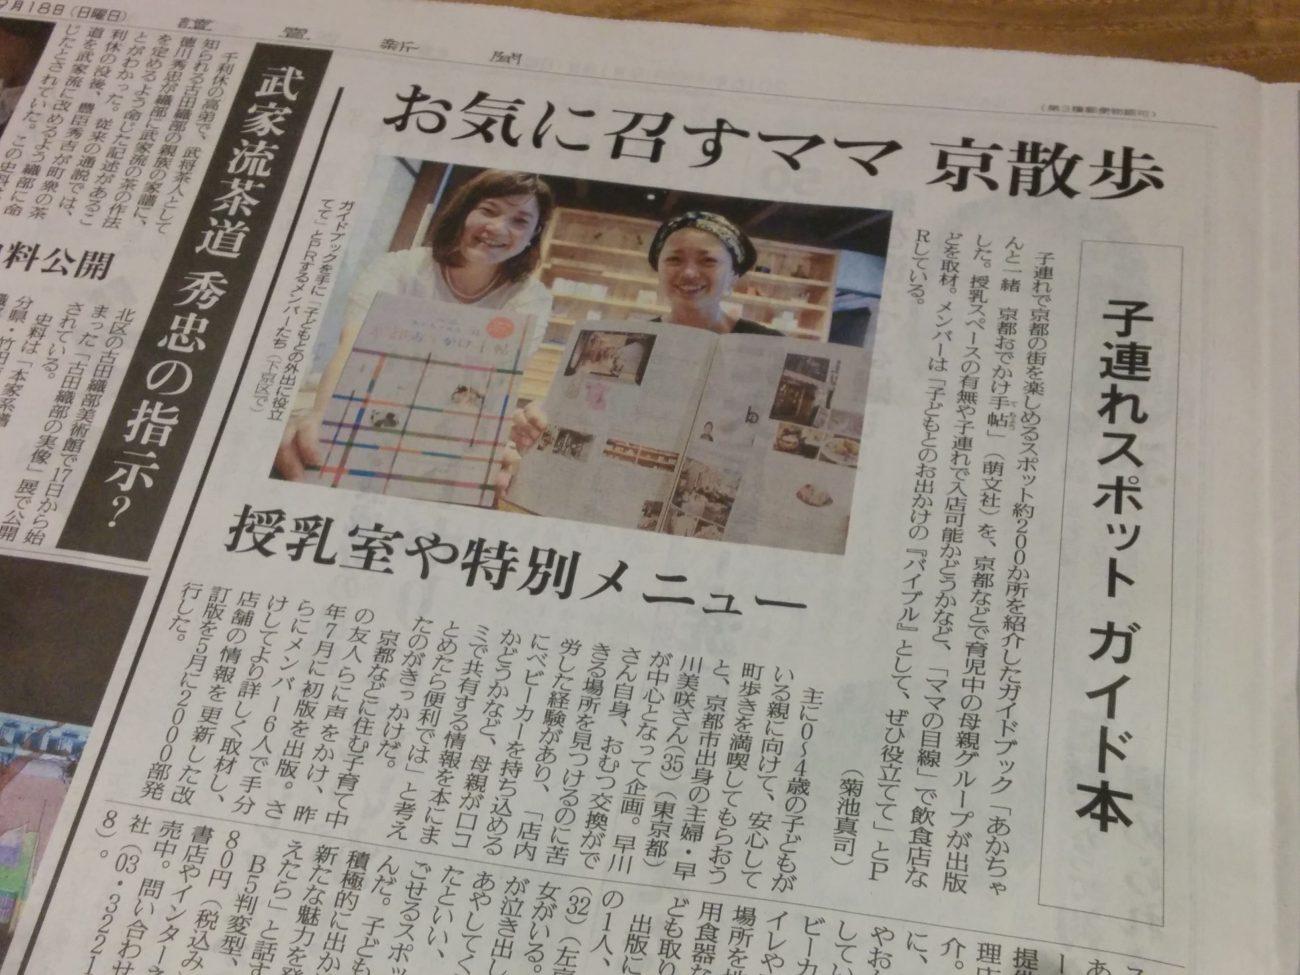 読売新聞 京都おでかけ手帖